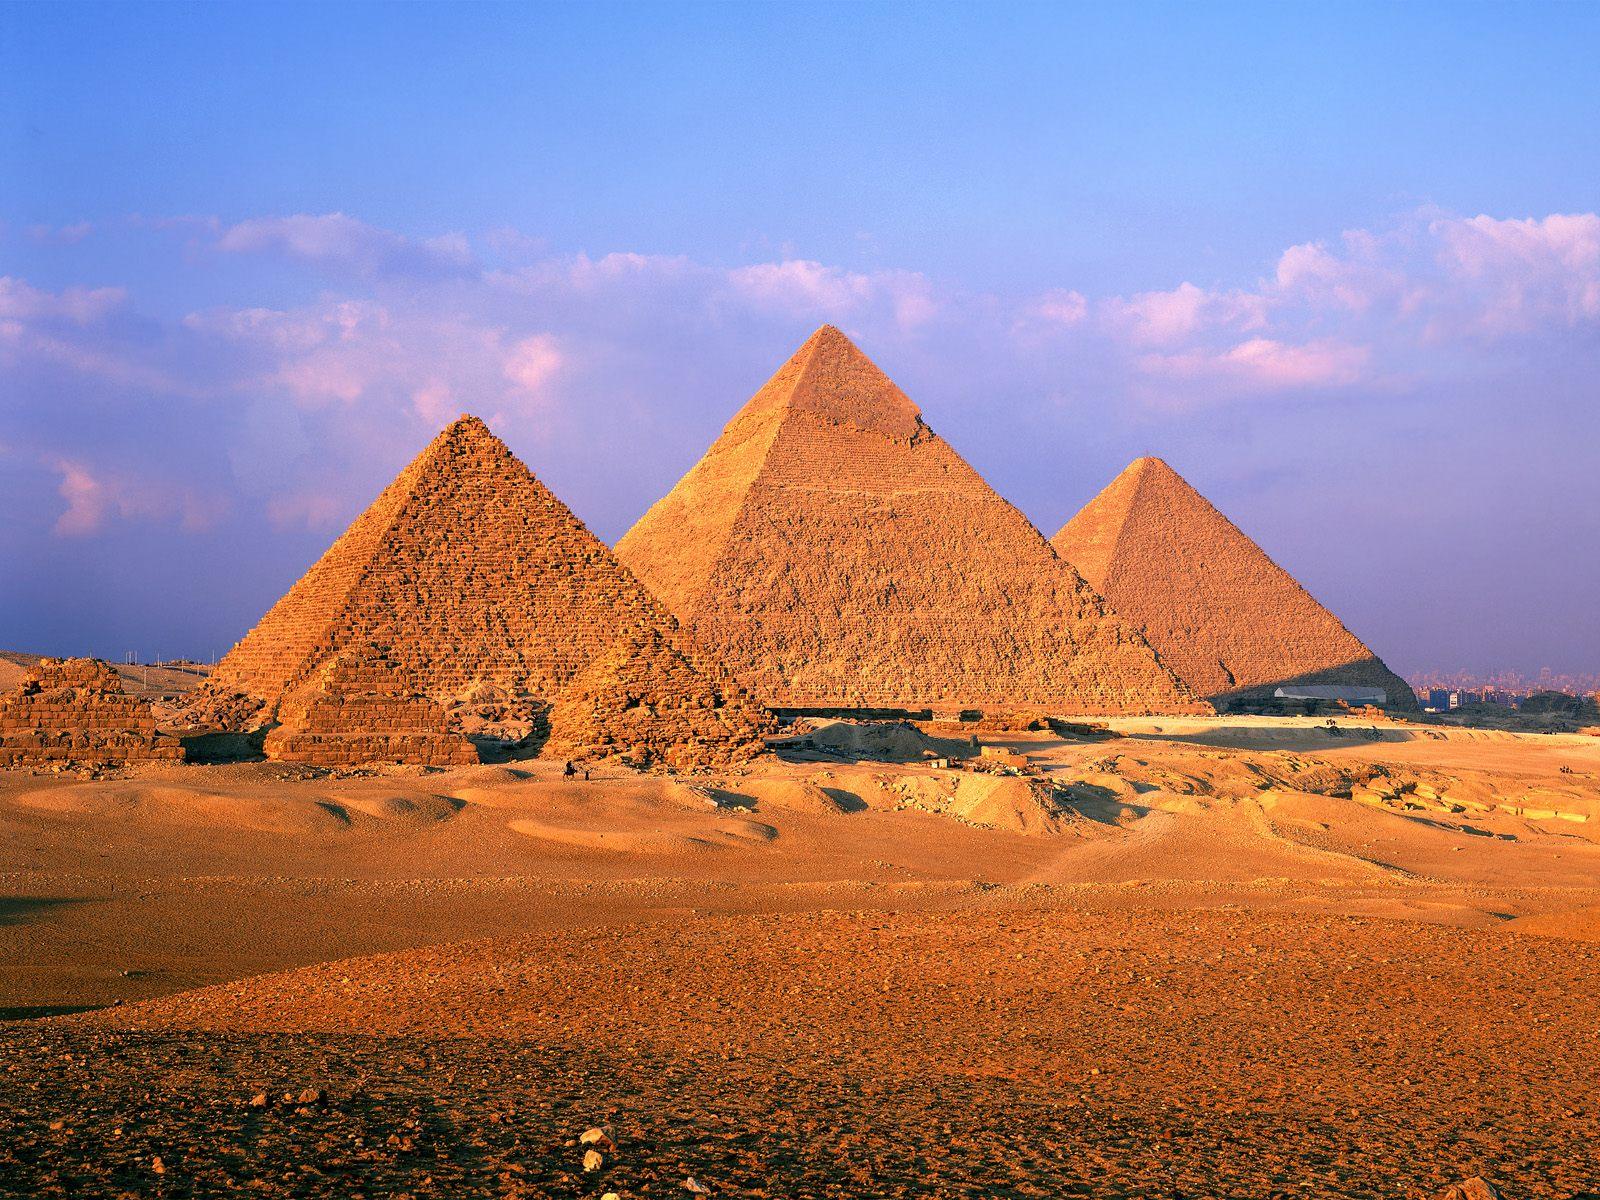 Ростуризм рекомендует не приобретать в Египте экскурсионные туры у случайных продавцов